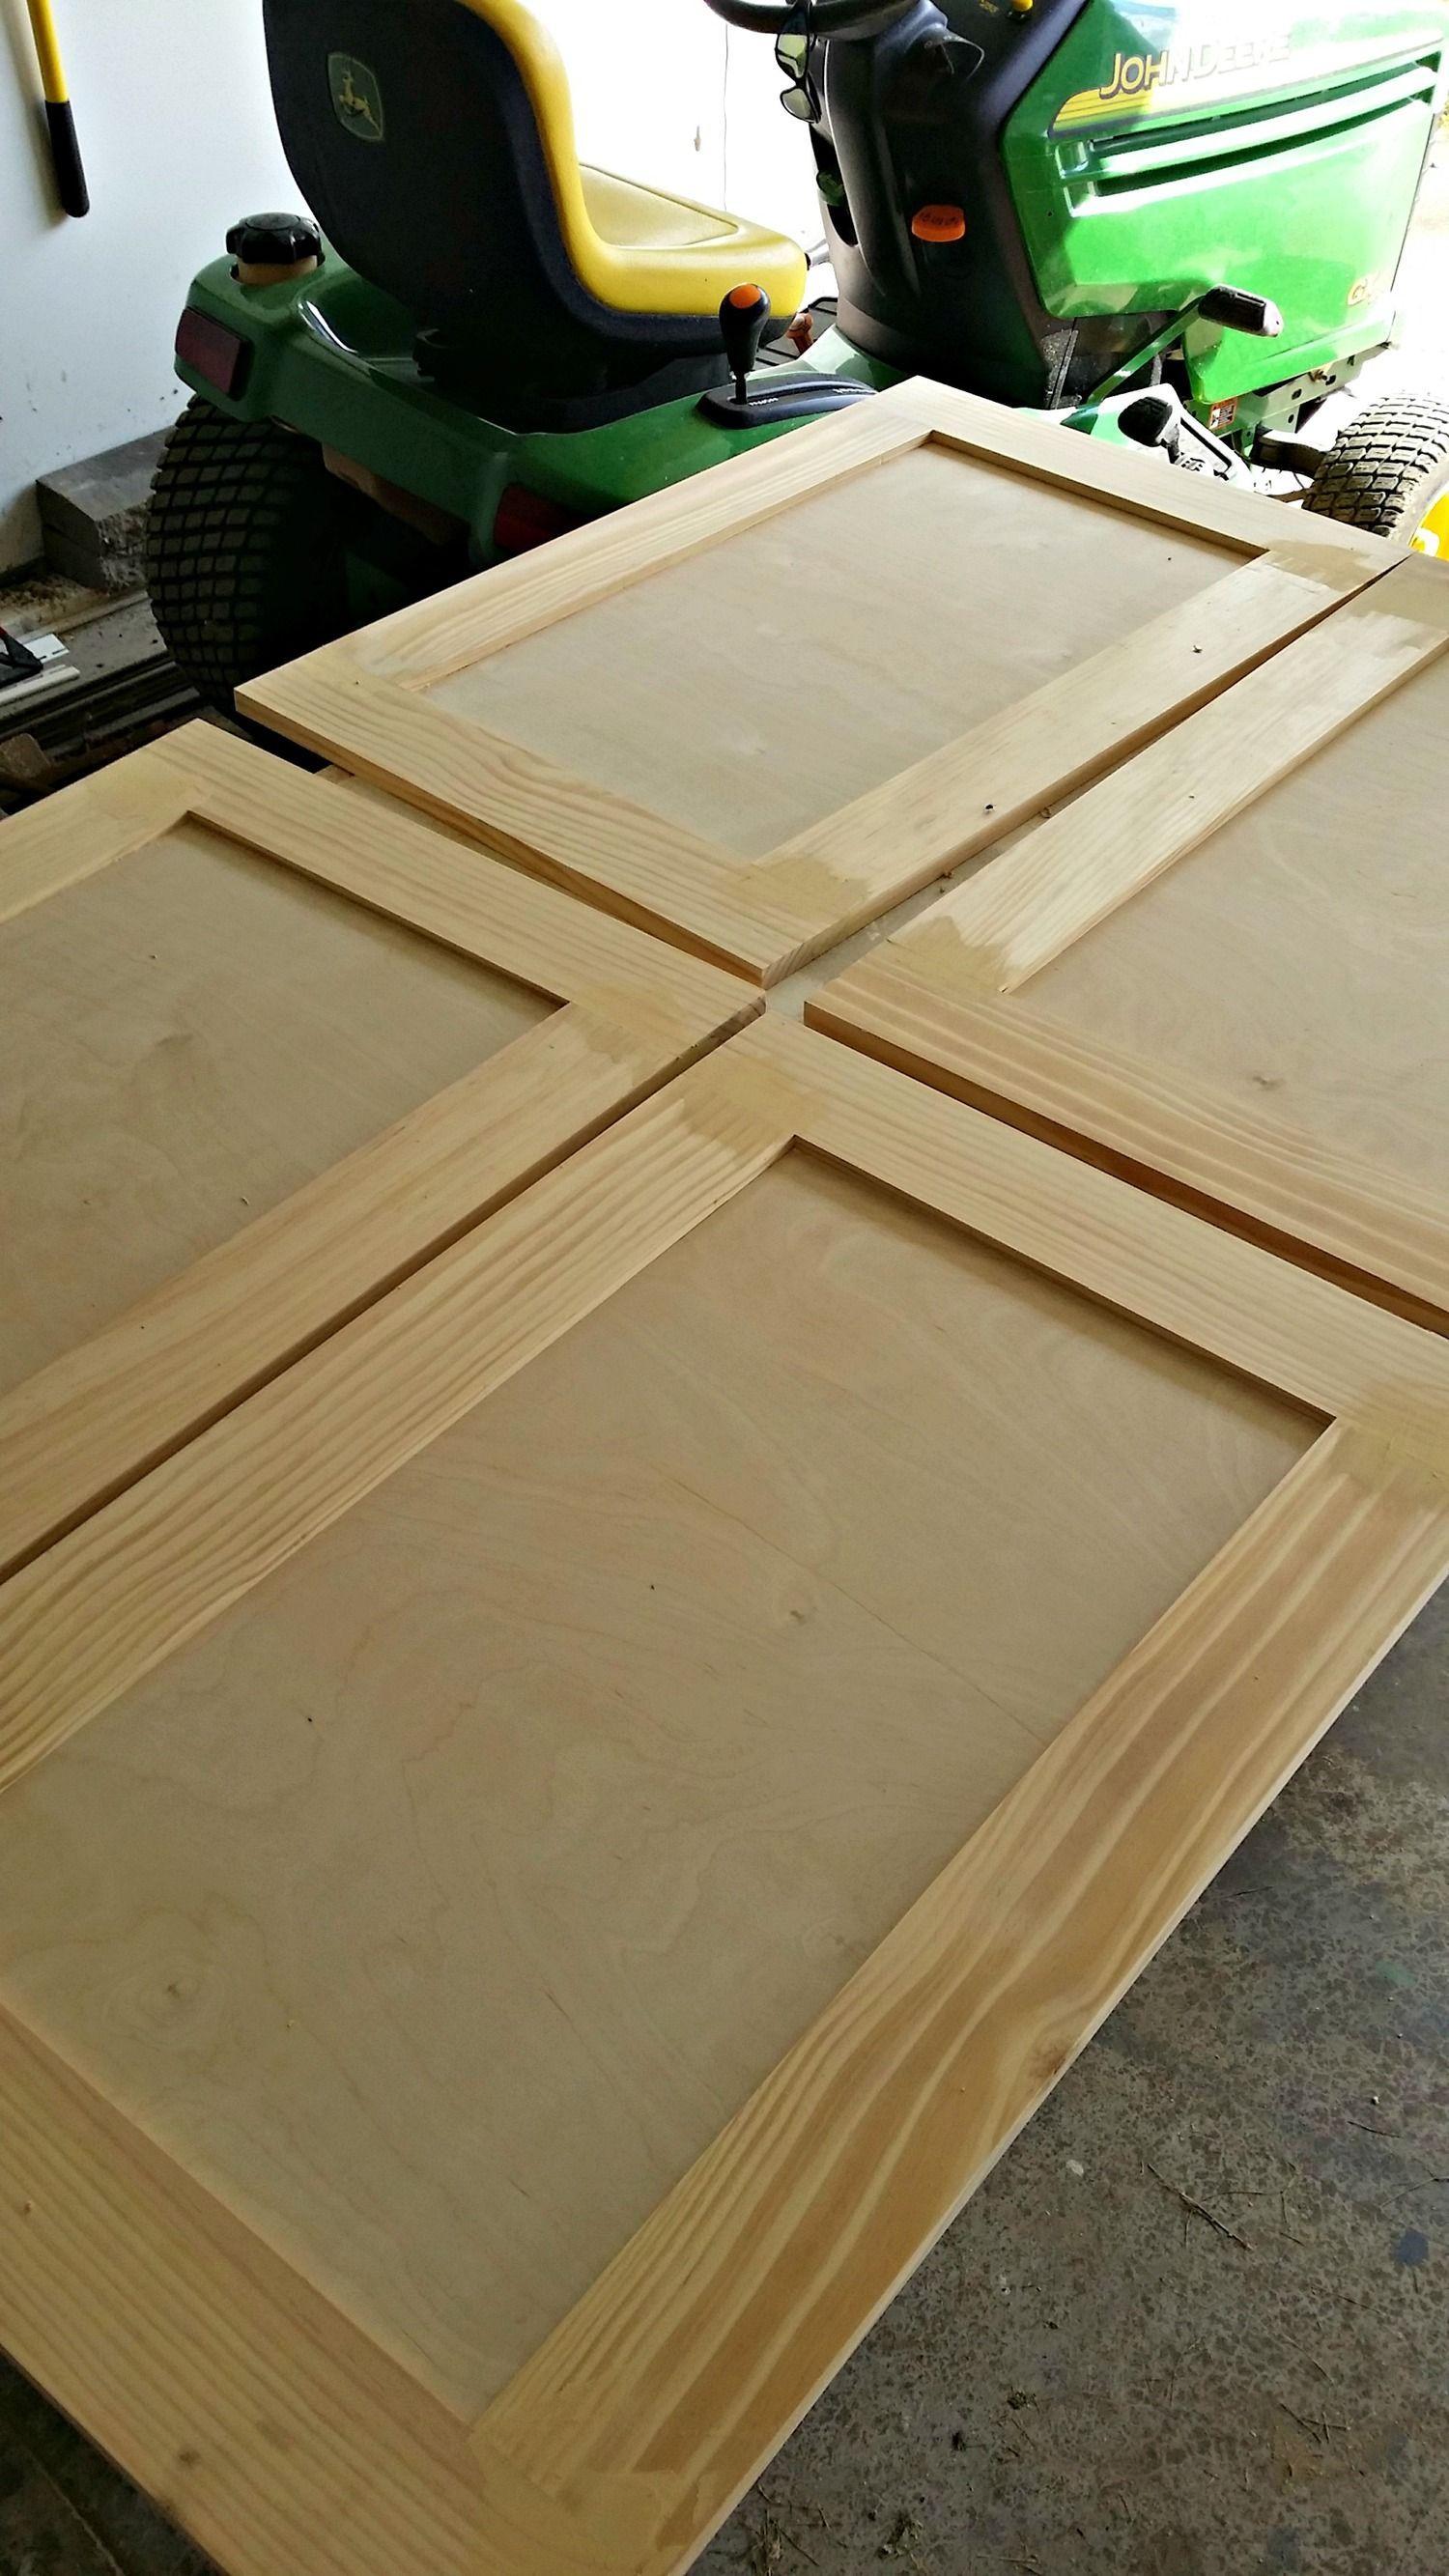 How to build a cabinet door diykitchenremodel diy kitchen remodel